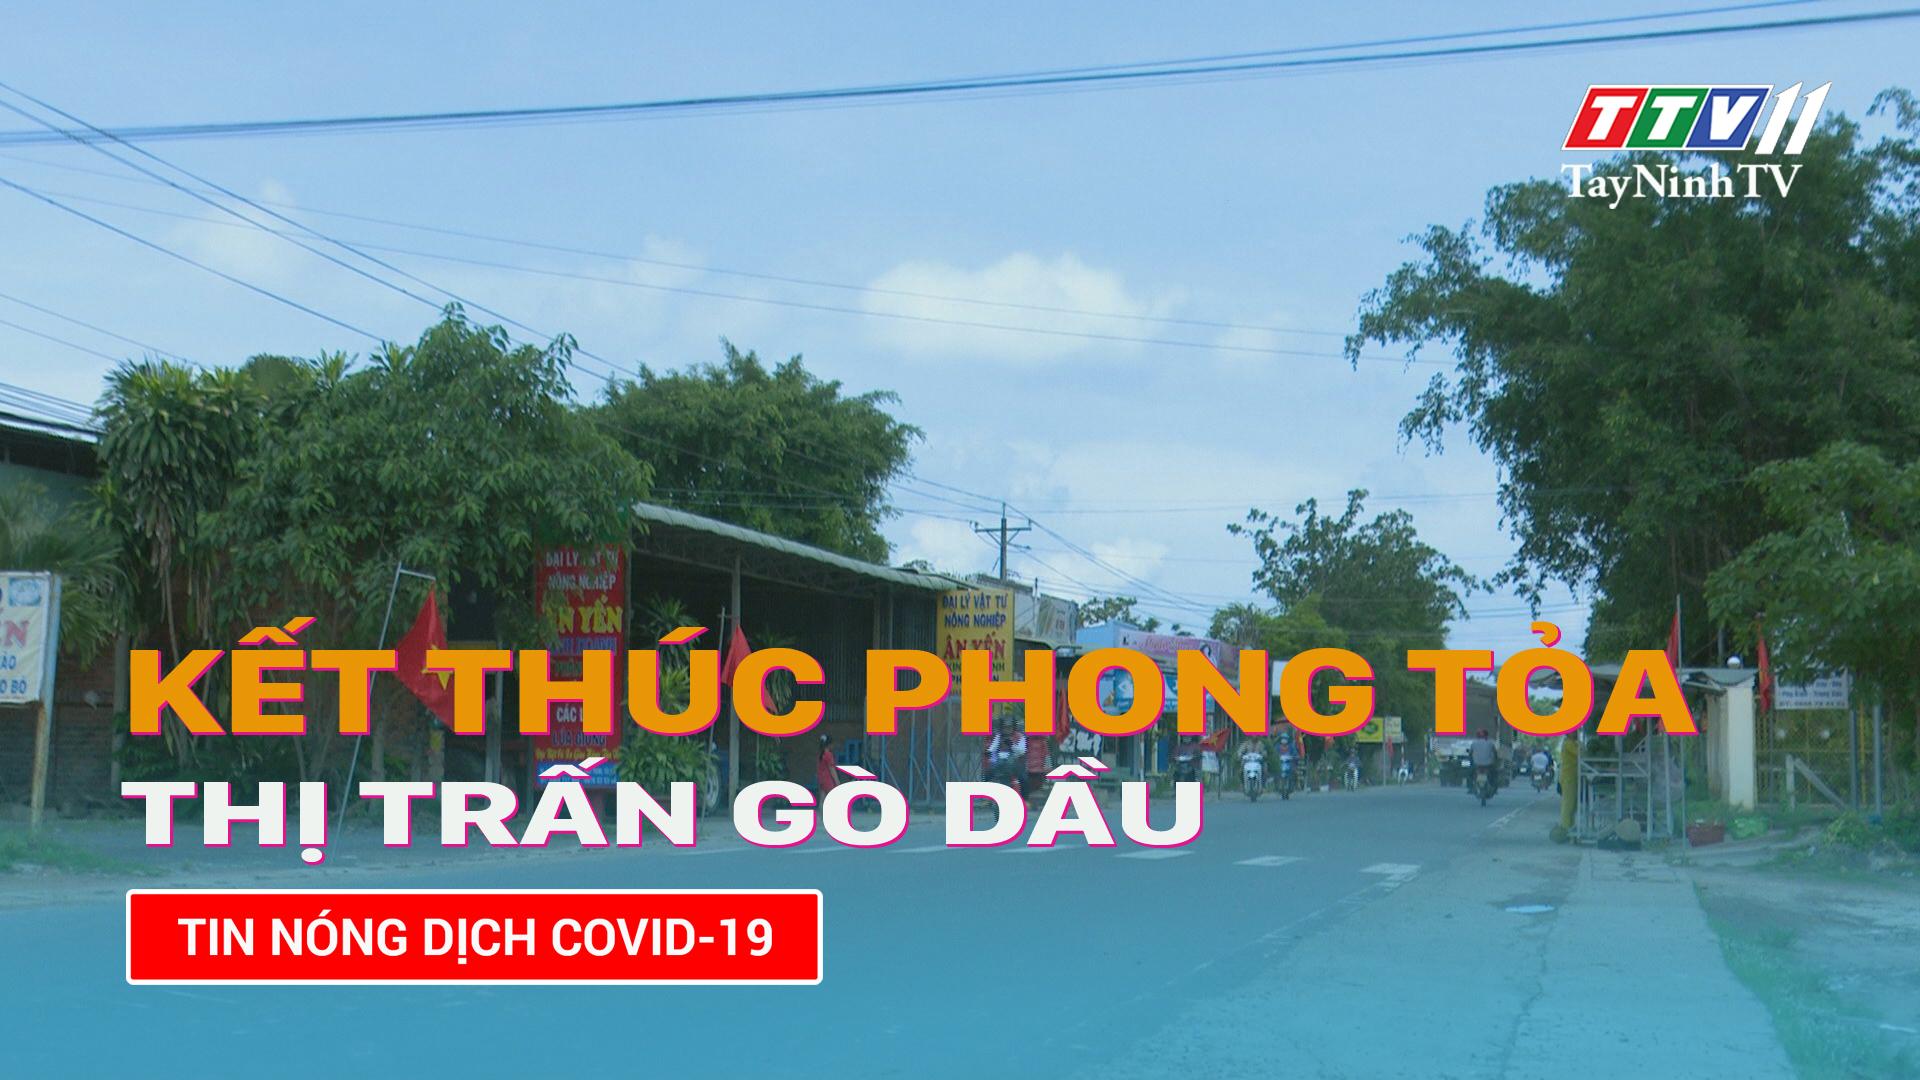 Kết thúc phong tỏa đối với thị trấn Gò Dầu   TayNinhTV